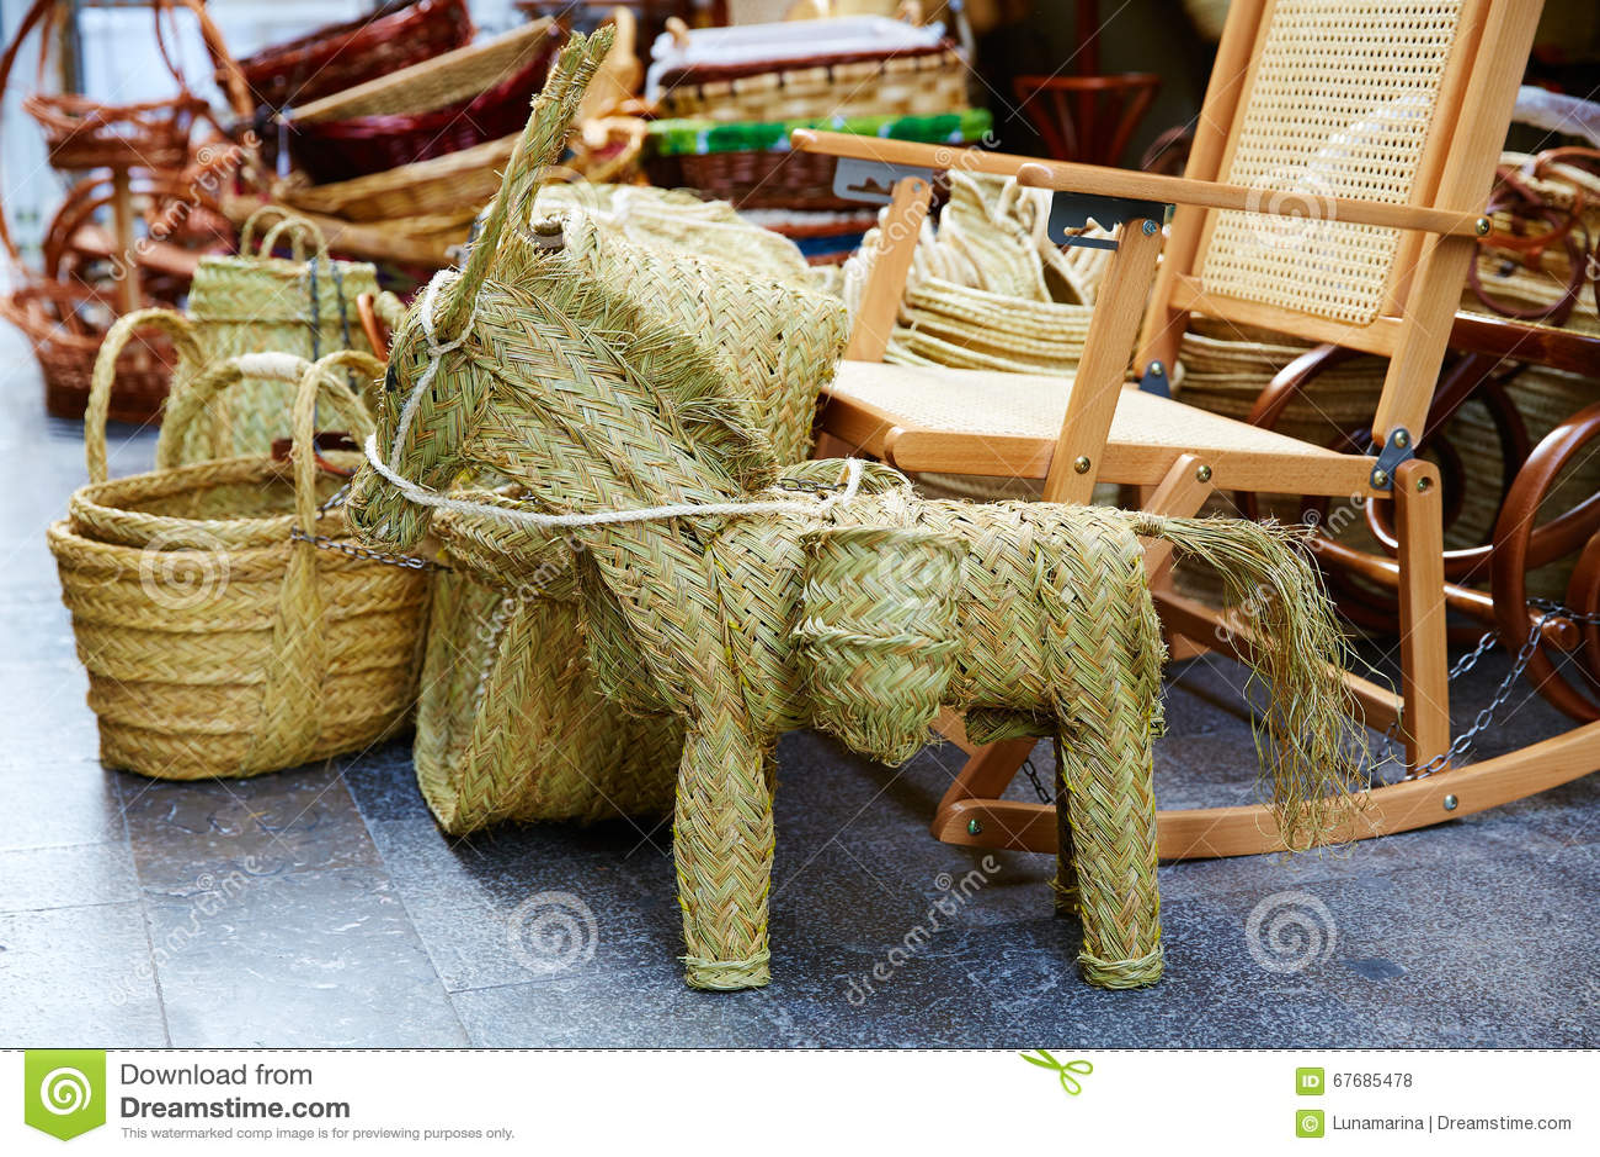 Cestas y caballo de esparto de la artesan a de la alfa de - Cestas de esparto ...